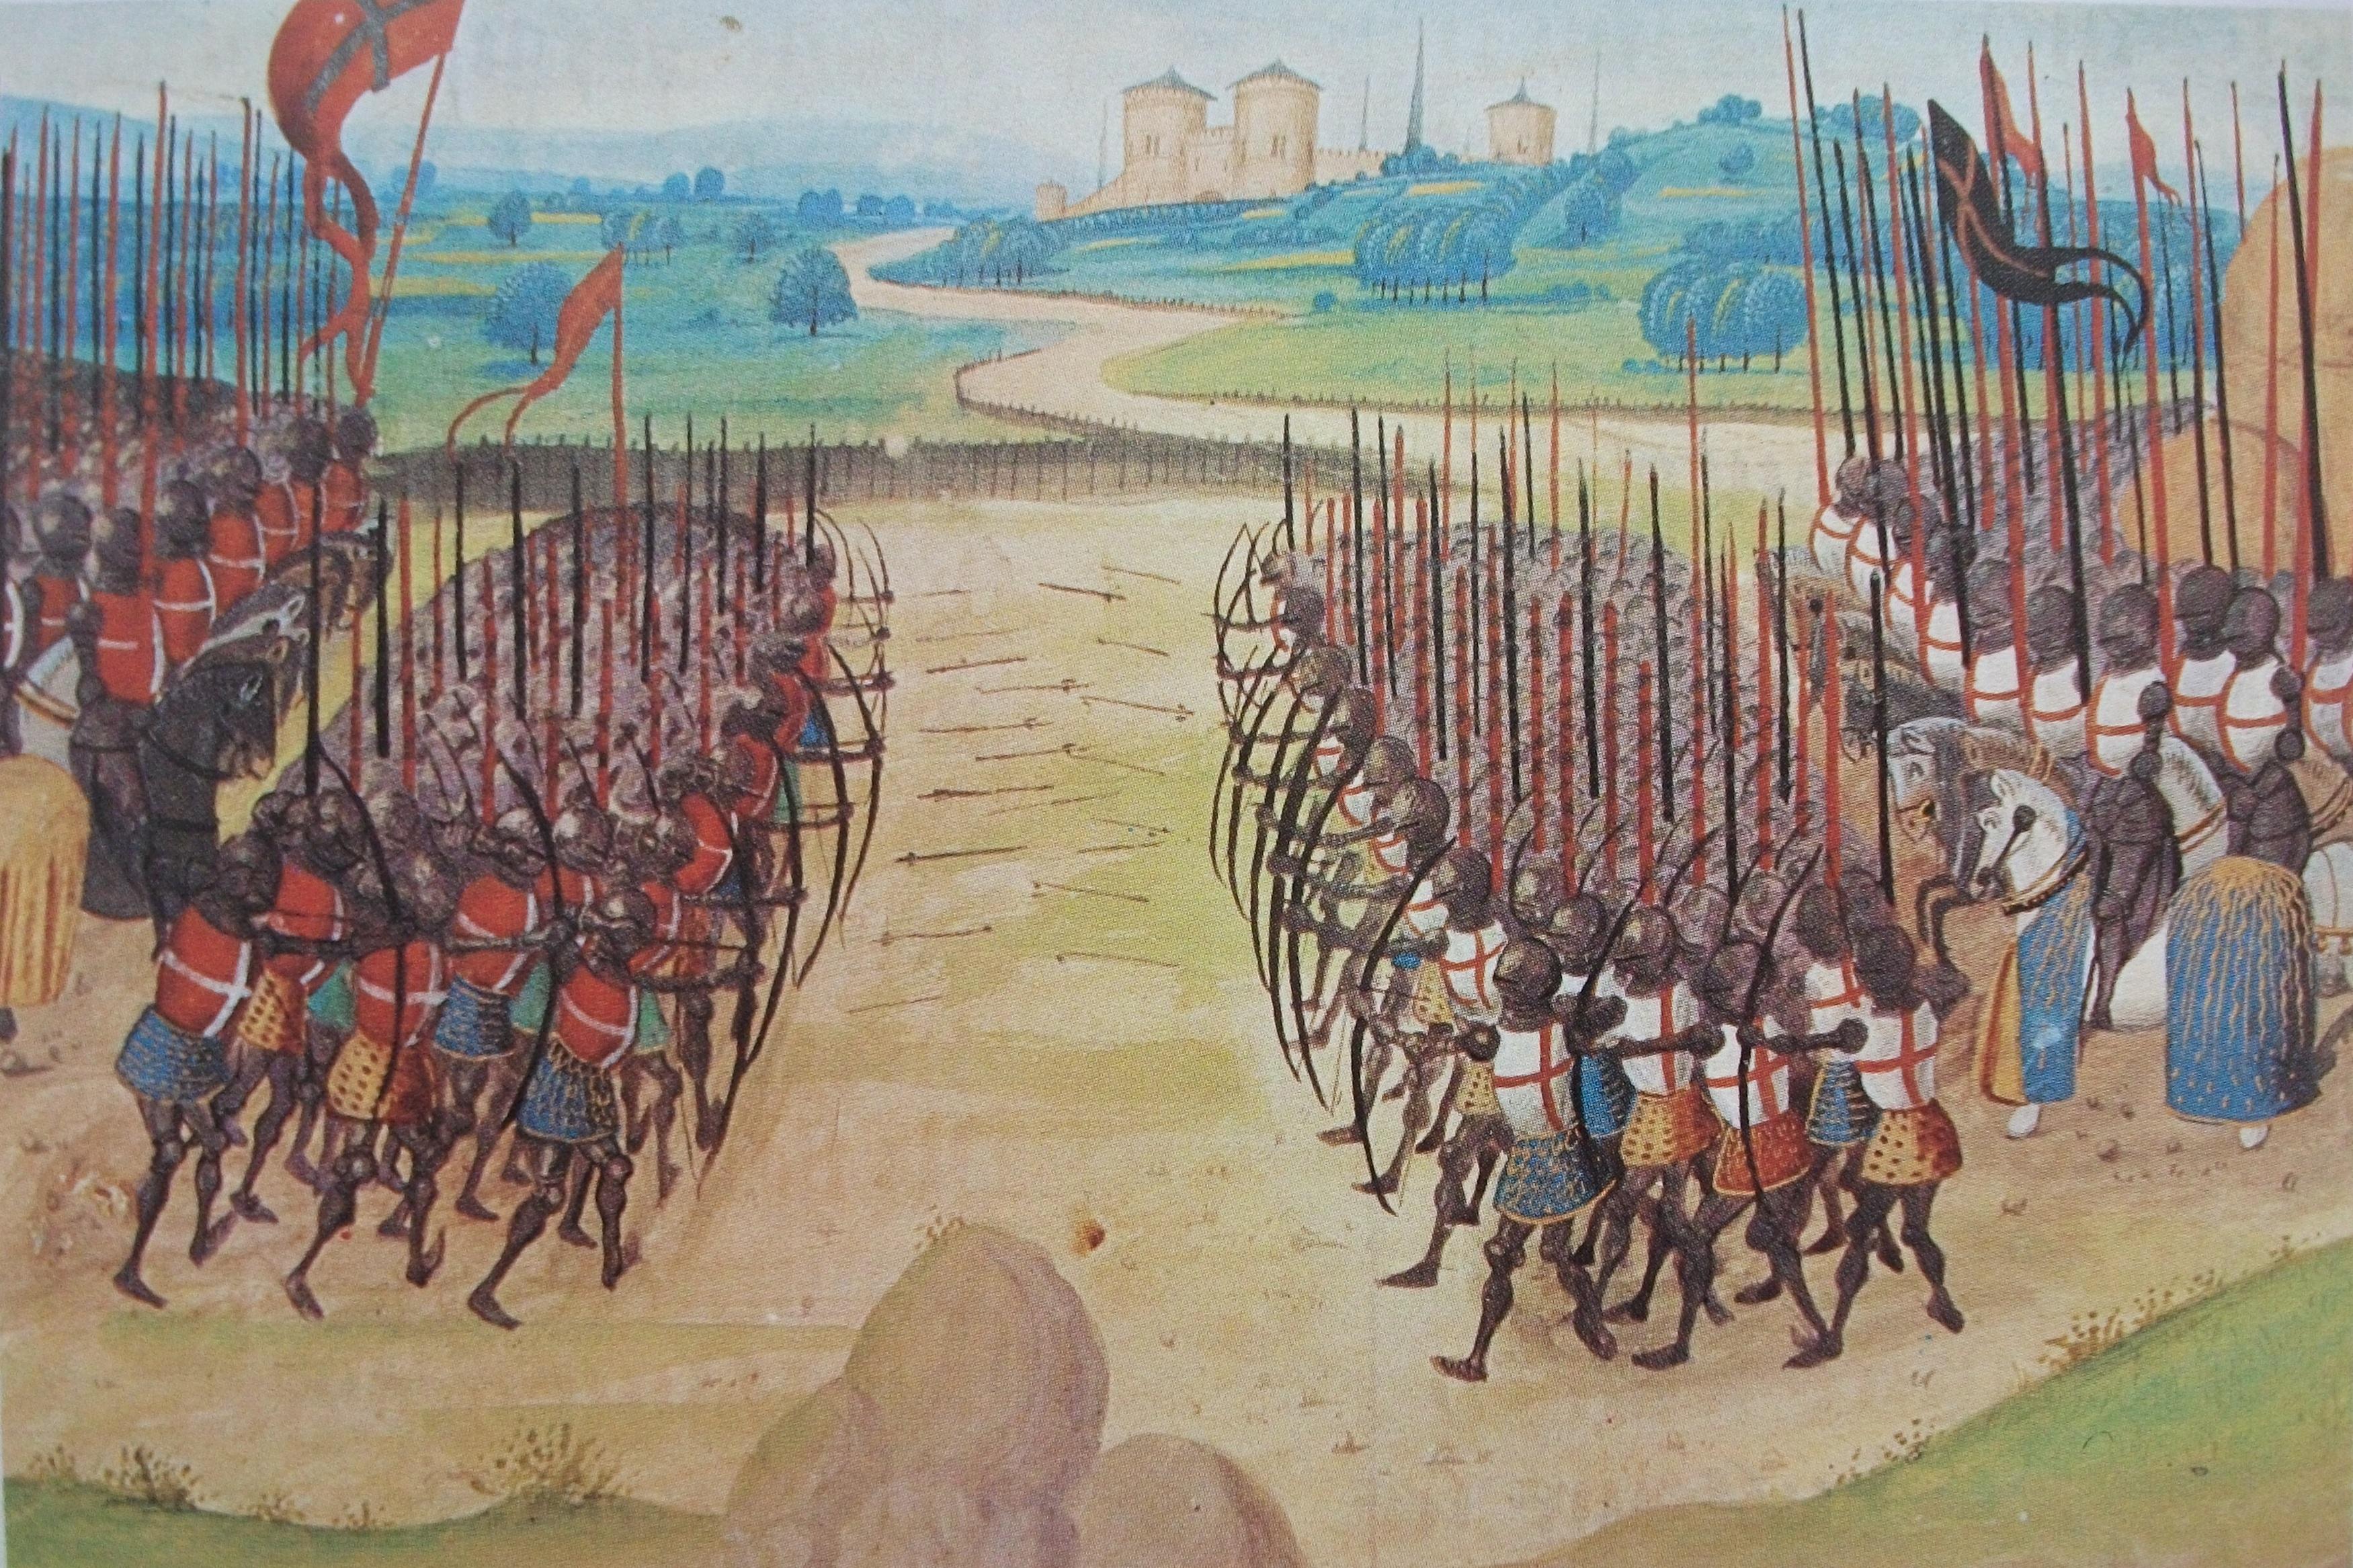 Schlacht von Azincourt, 25. Oktober 1415. Zeitgenössische Darstellung.